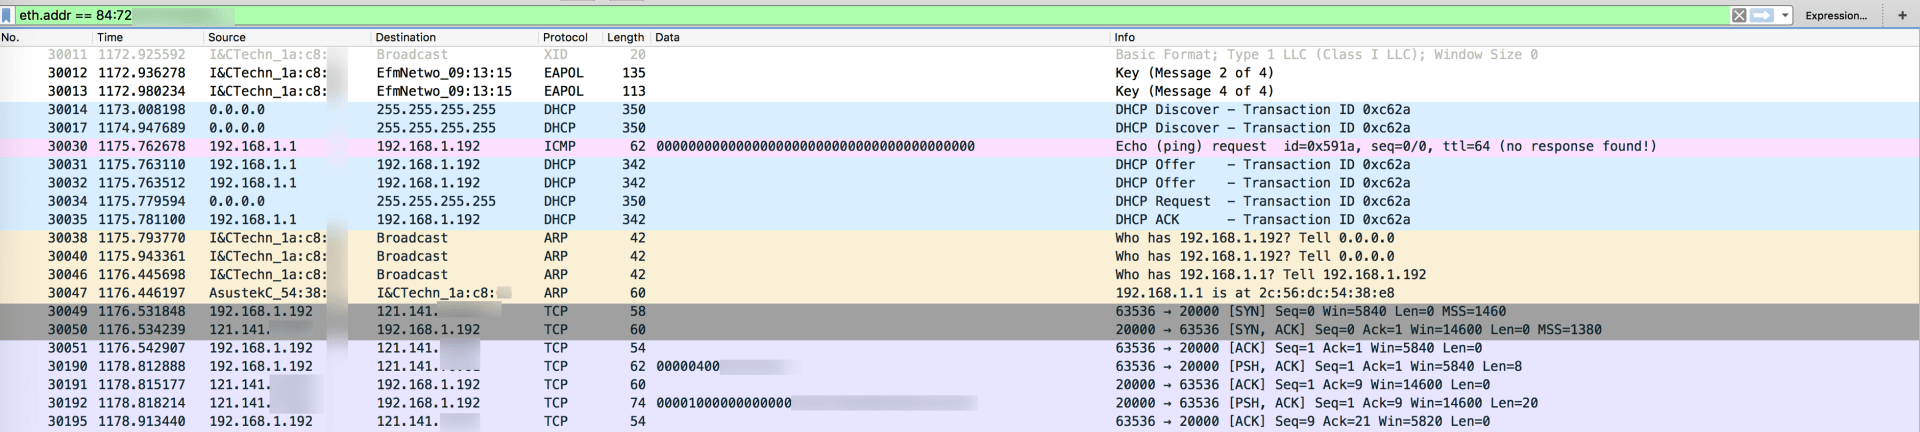 초기 연결 이후 패킷 흐름